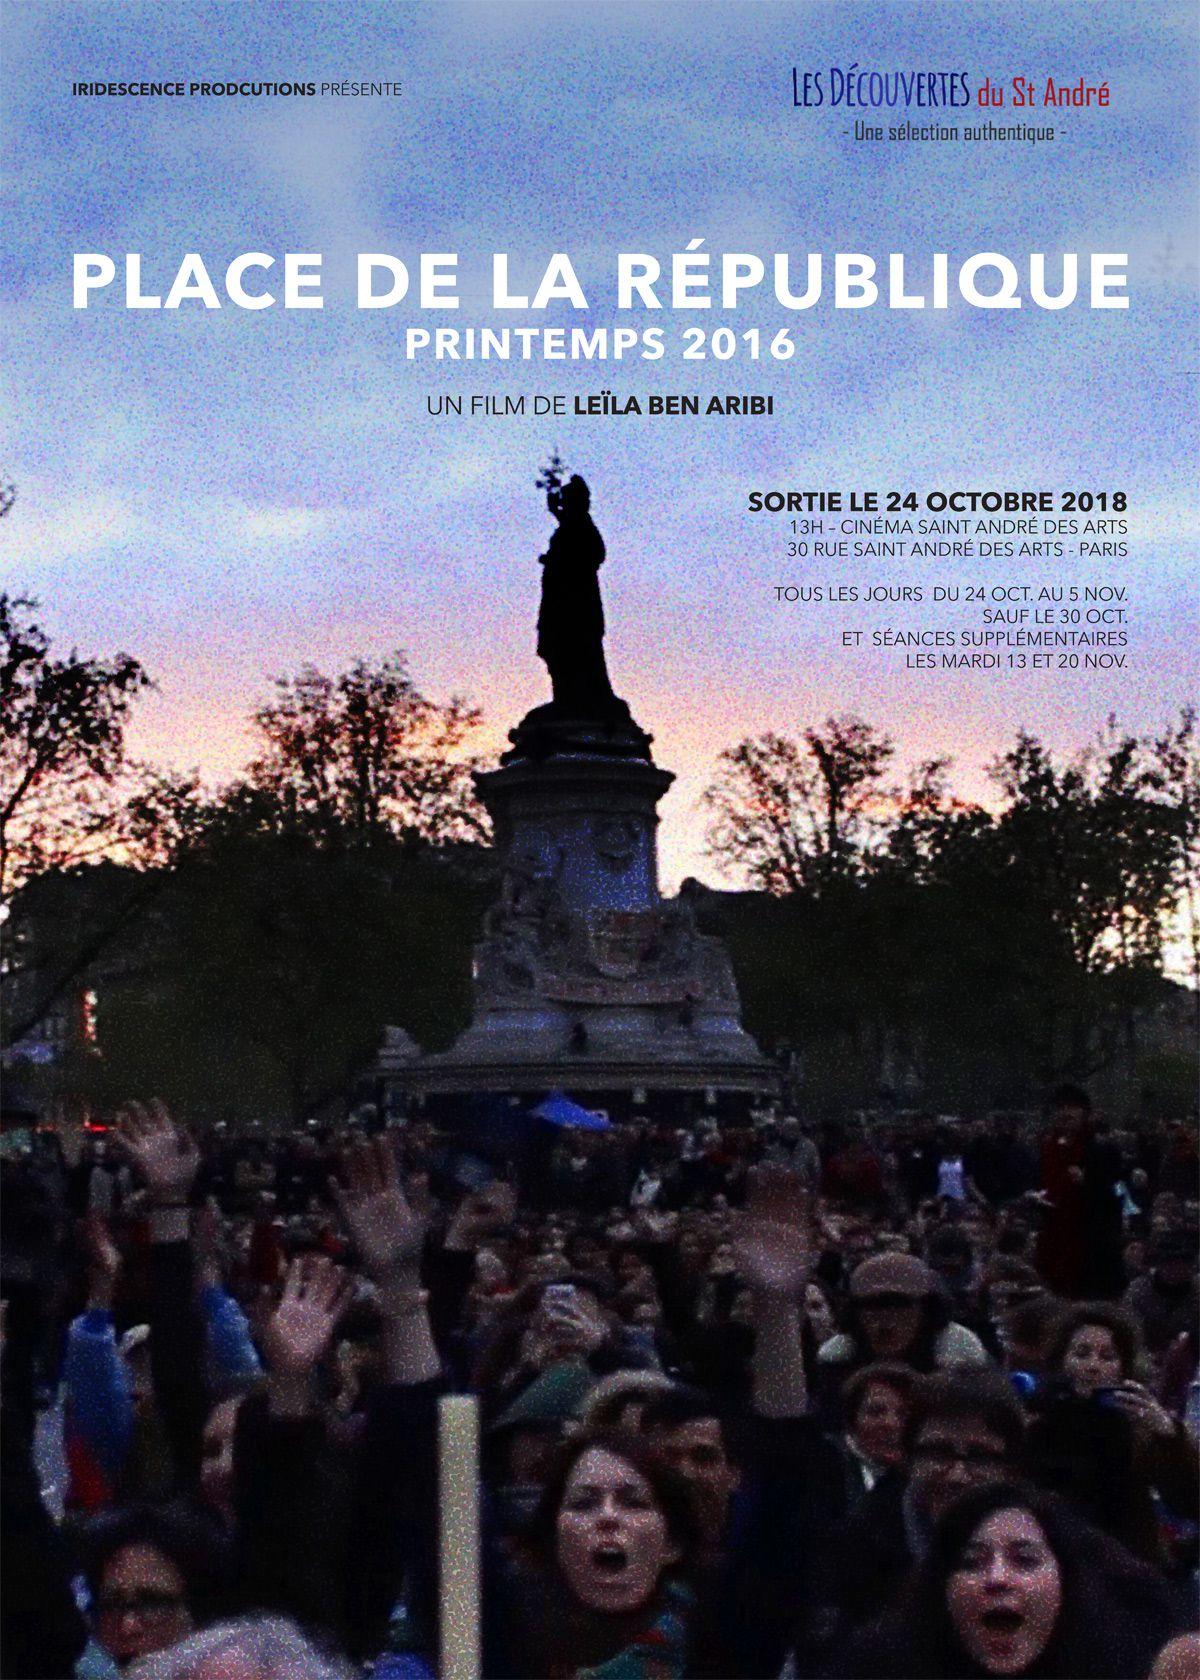 Place de la République, printemps 2016 - Documentaire (2018)